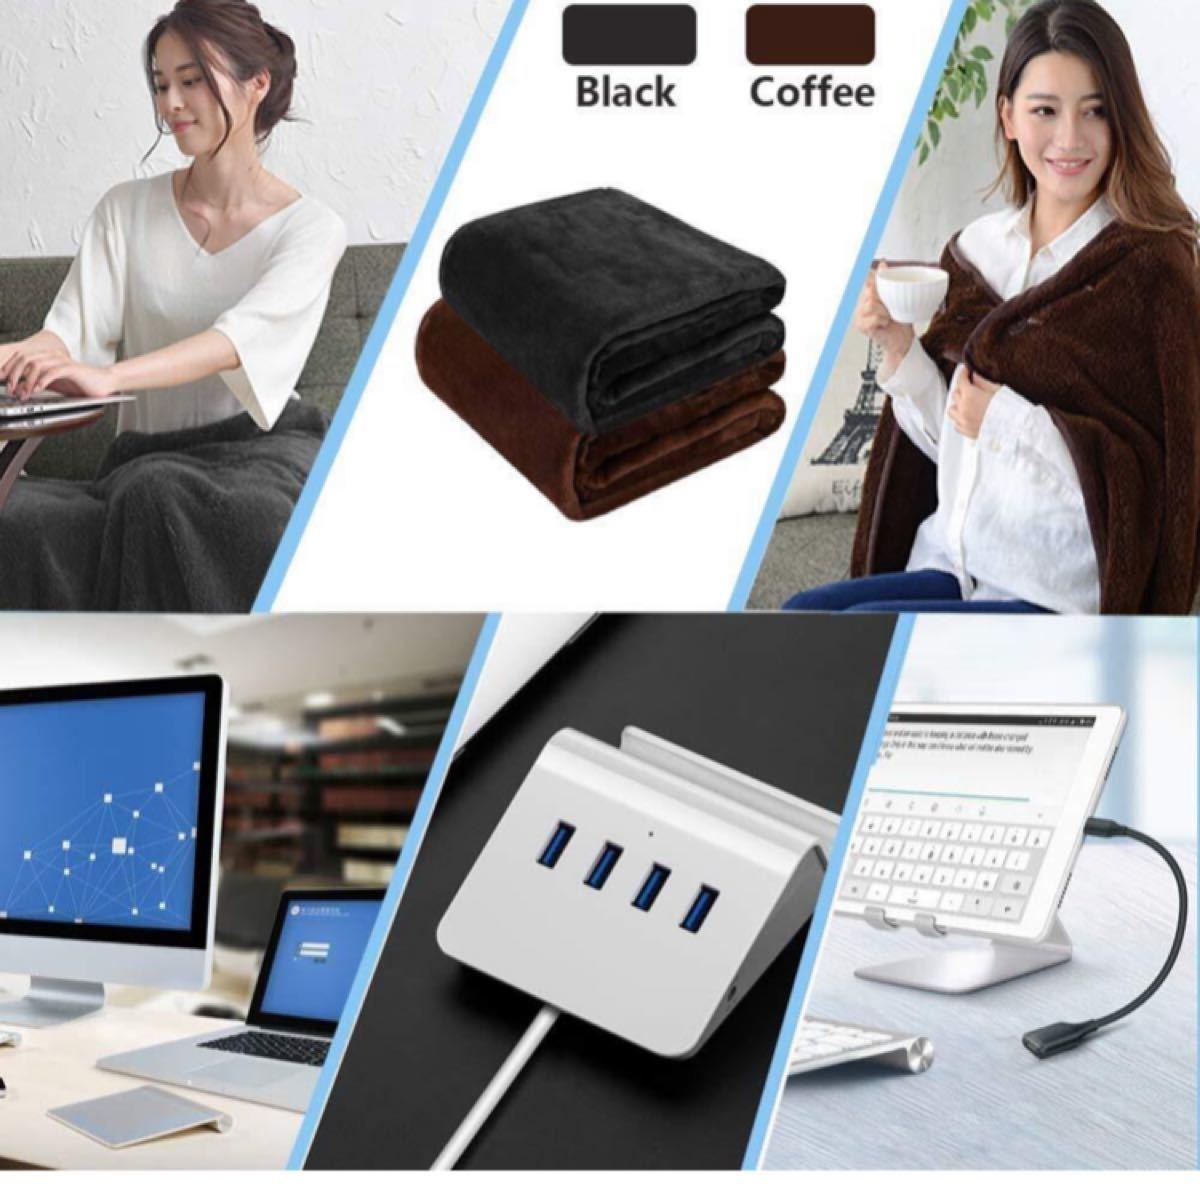 新品 ブラウン 膝掛け ひざ掛け USB 電気毛布 ブランケット パソコン キャンプ アウトドア